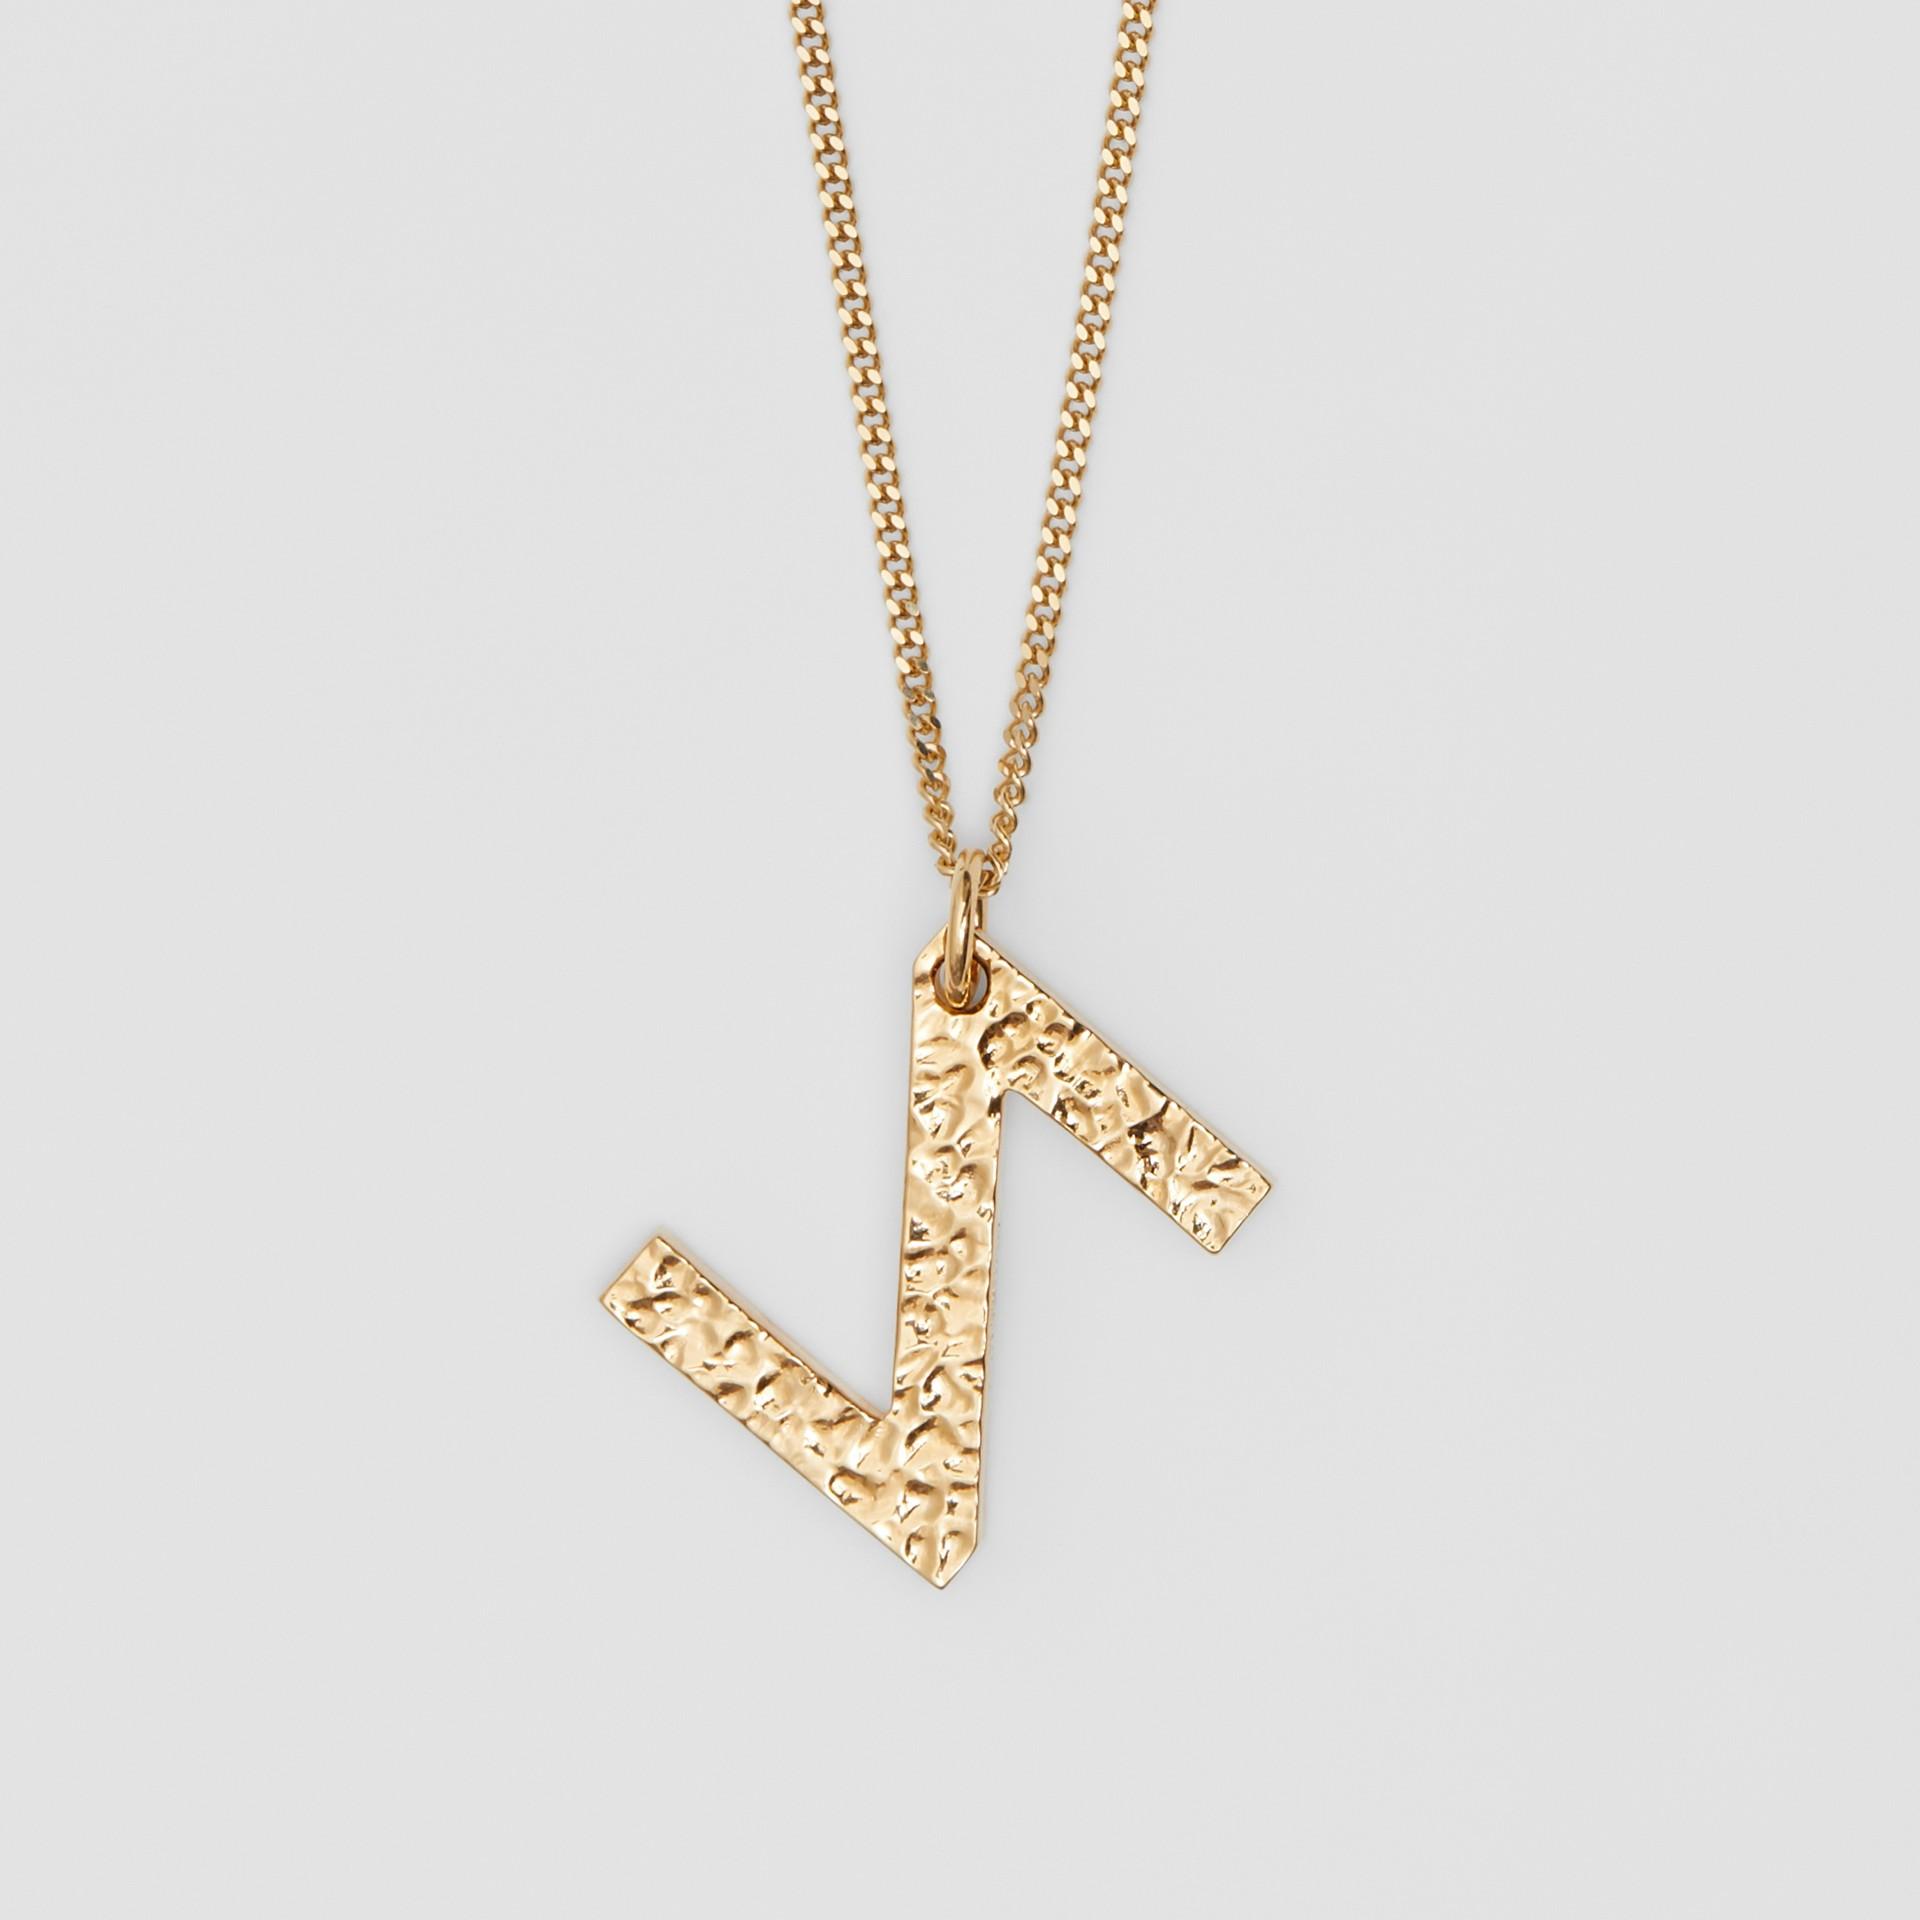 Collana con ciondolo a forma di Z in metallo placcato oro (Chiaro) - Donna   Burberry - immagine della galleria 2